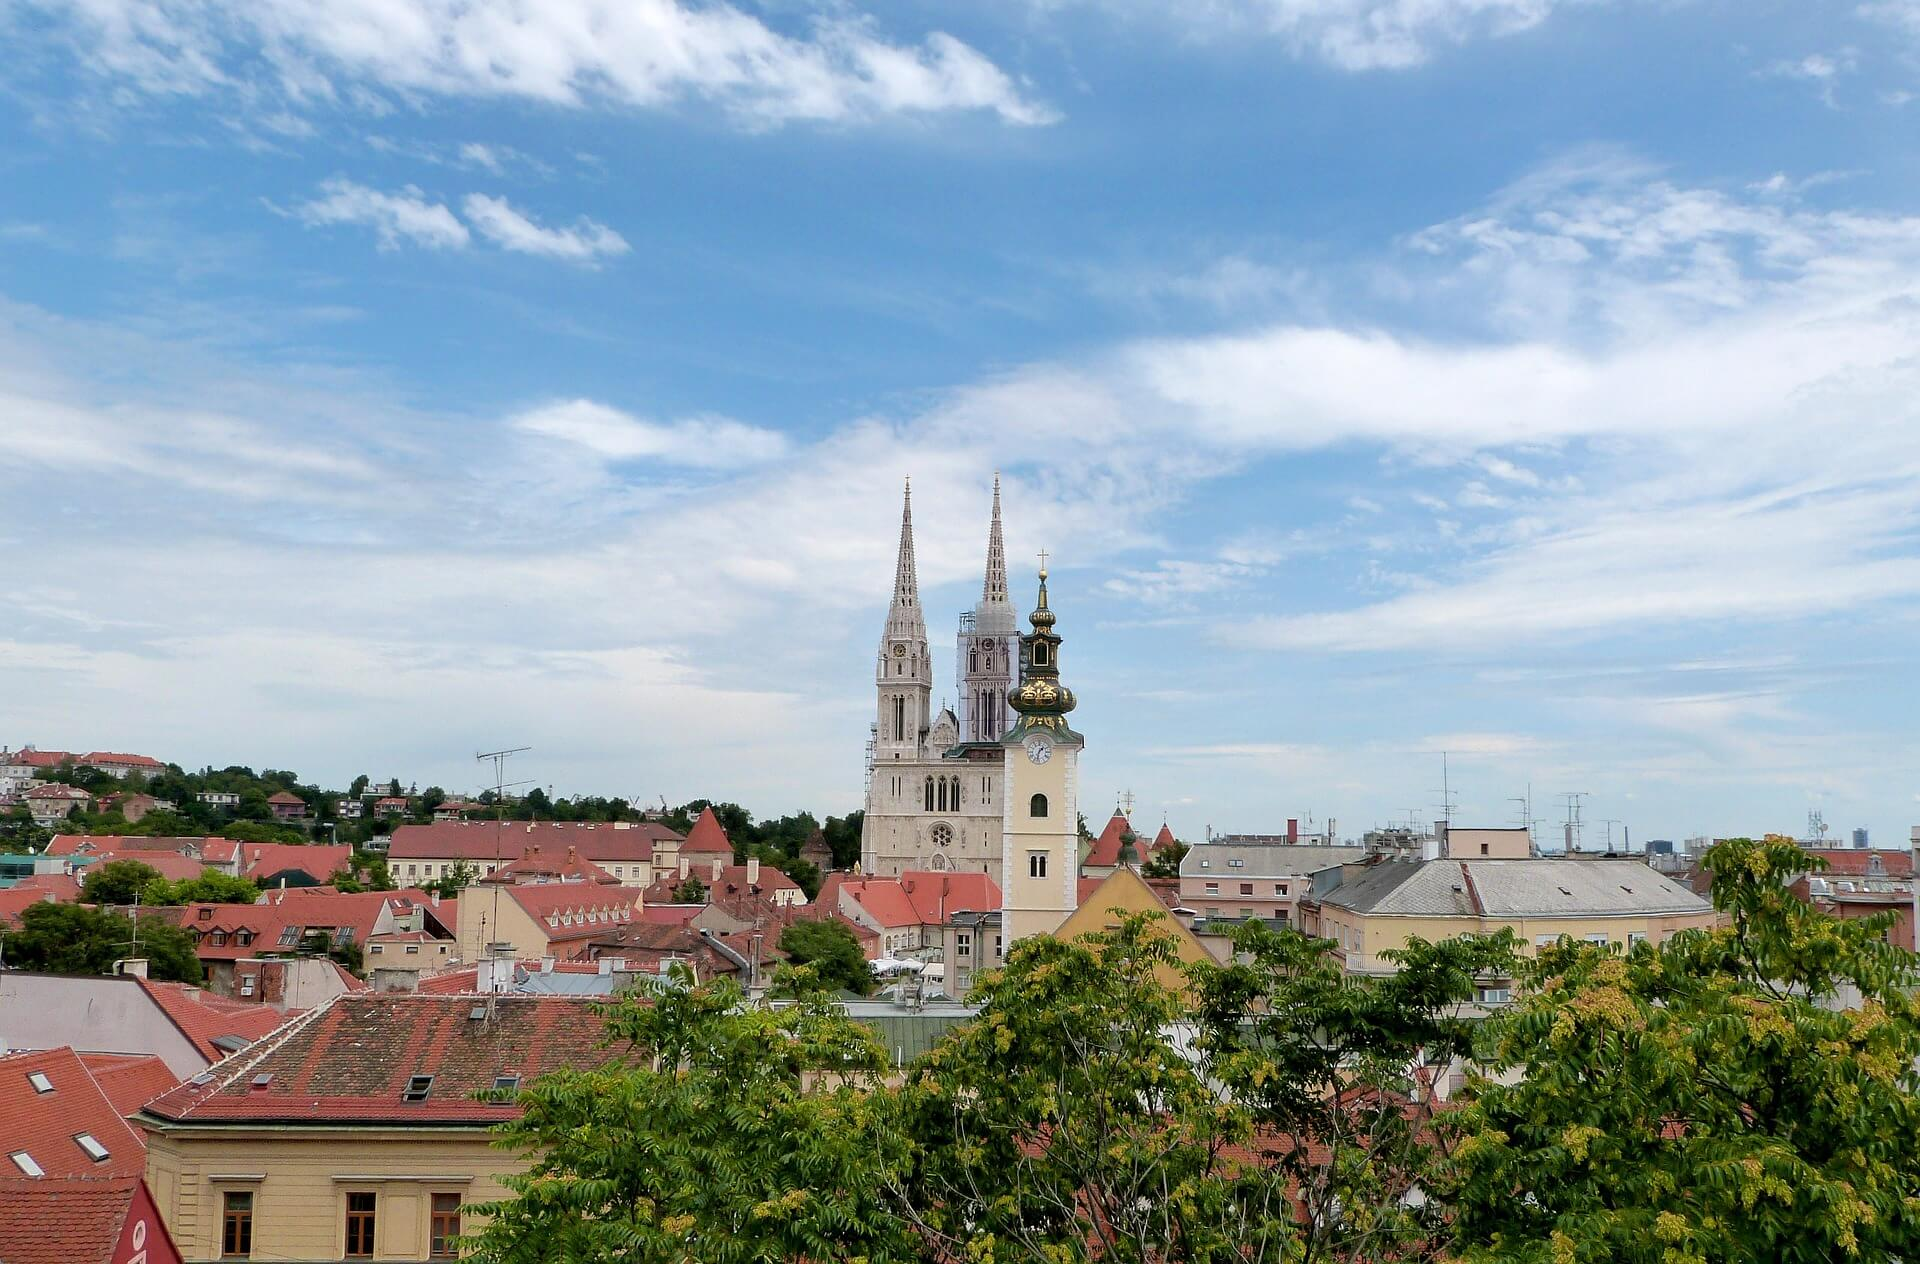 Direktflüge und Billigflüge nach Kroatien